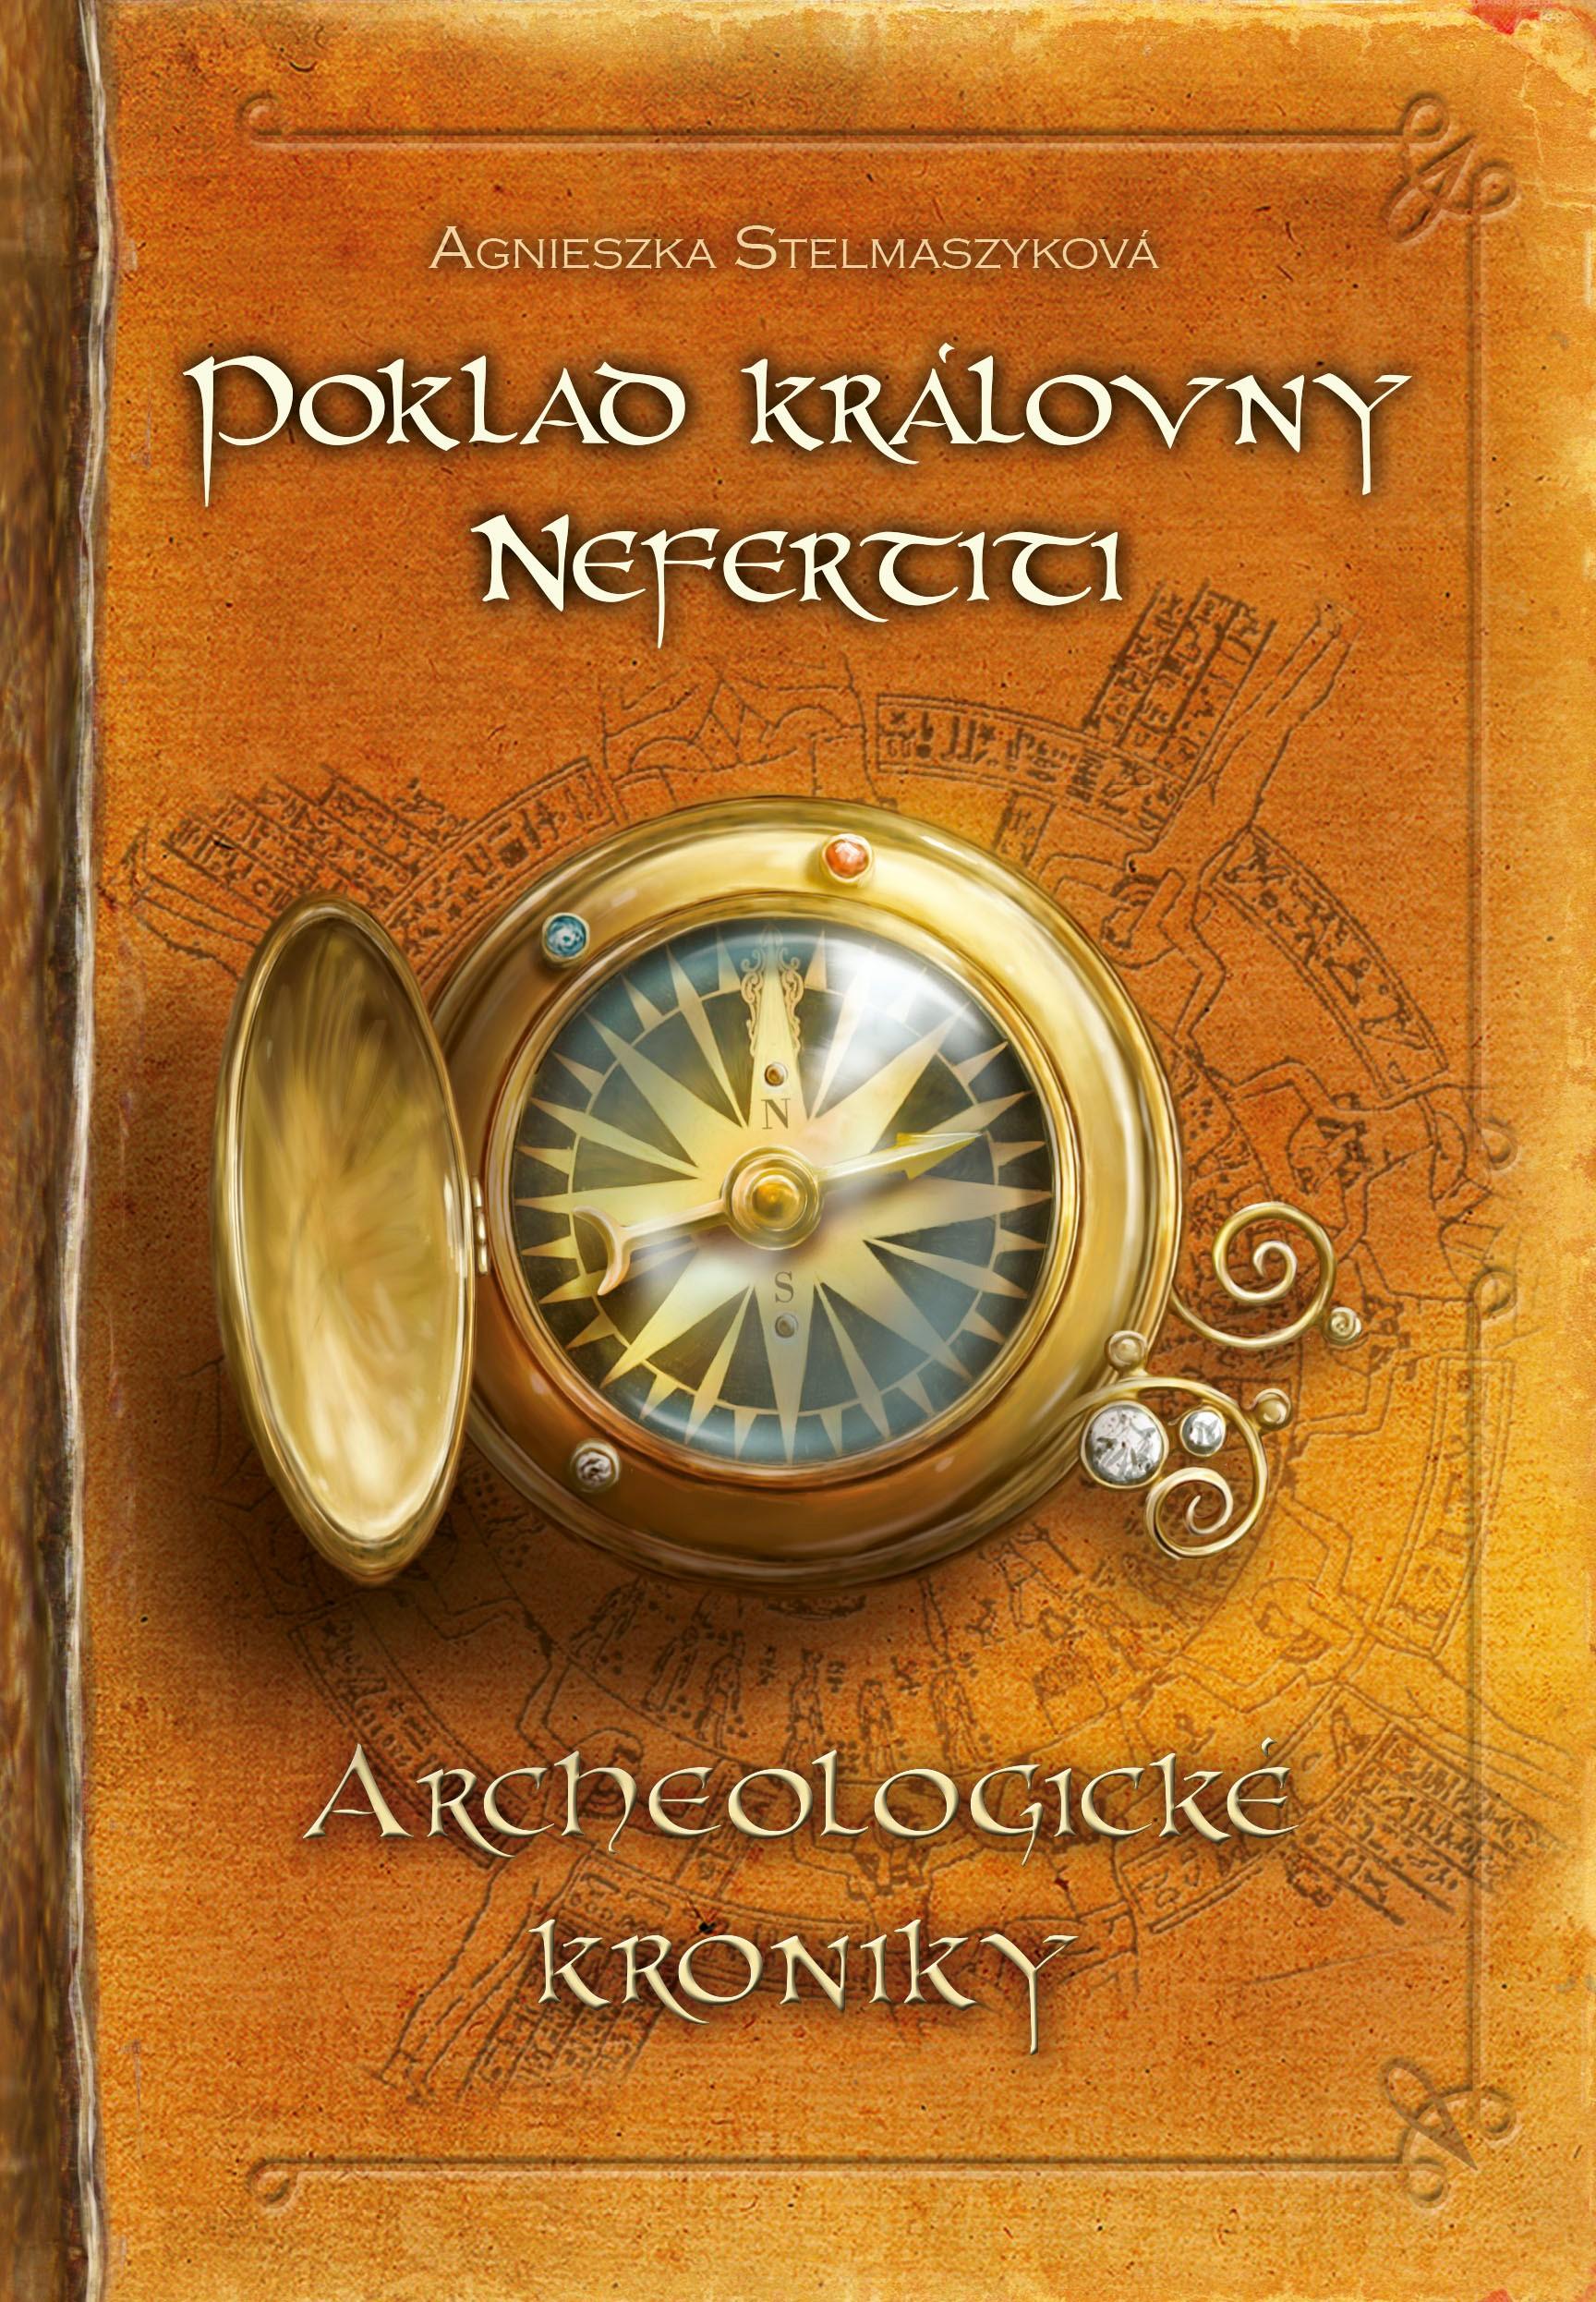 POKLAD KRÁLOVNY NEFERTITI ARCHEOLOGICKÉ KRONIKY